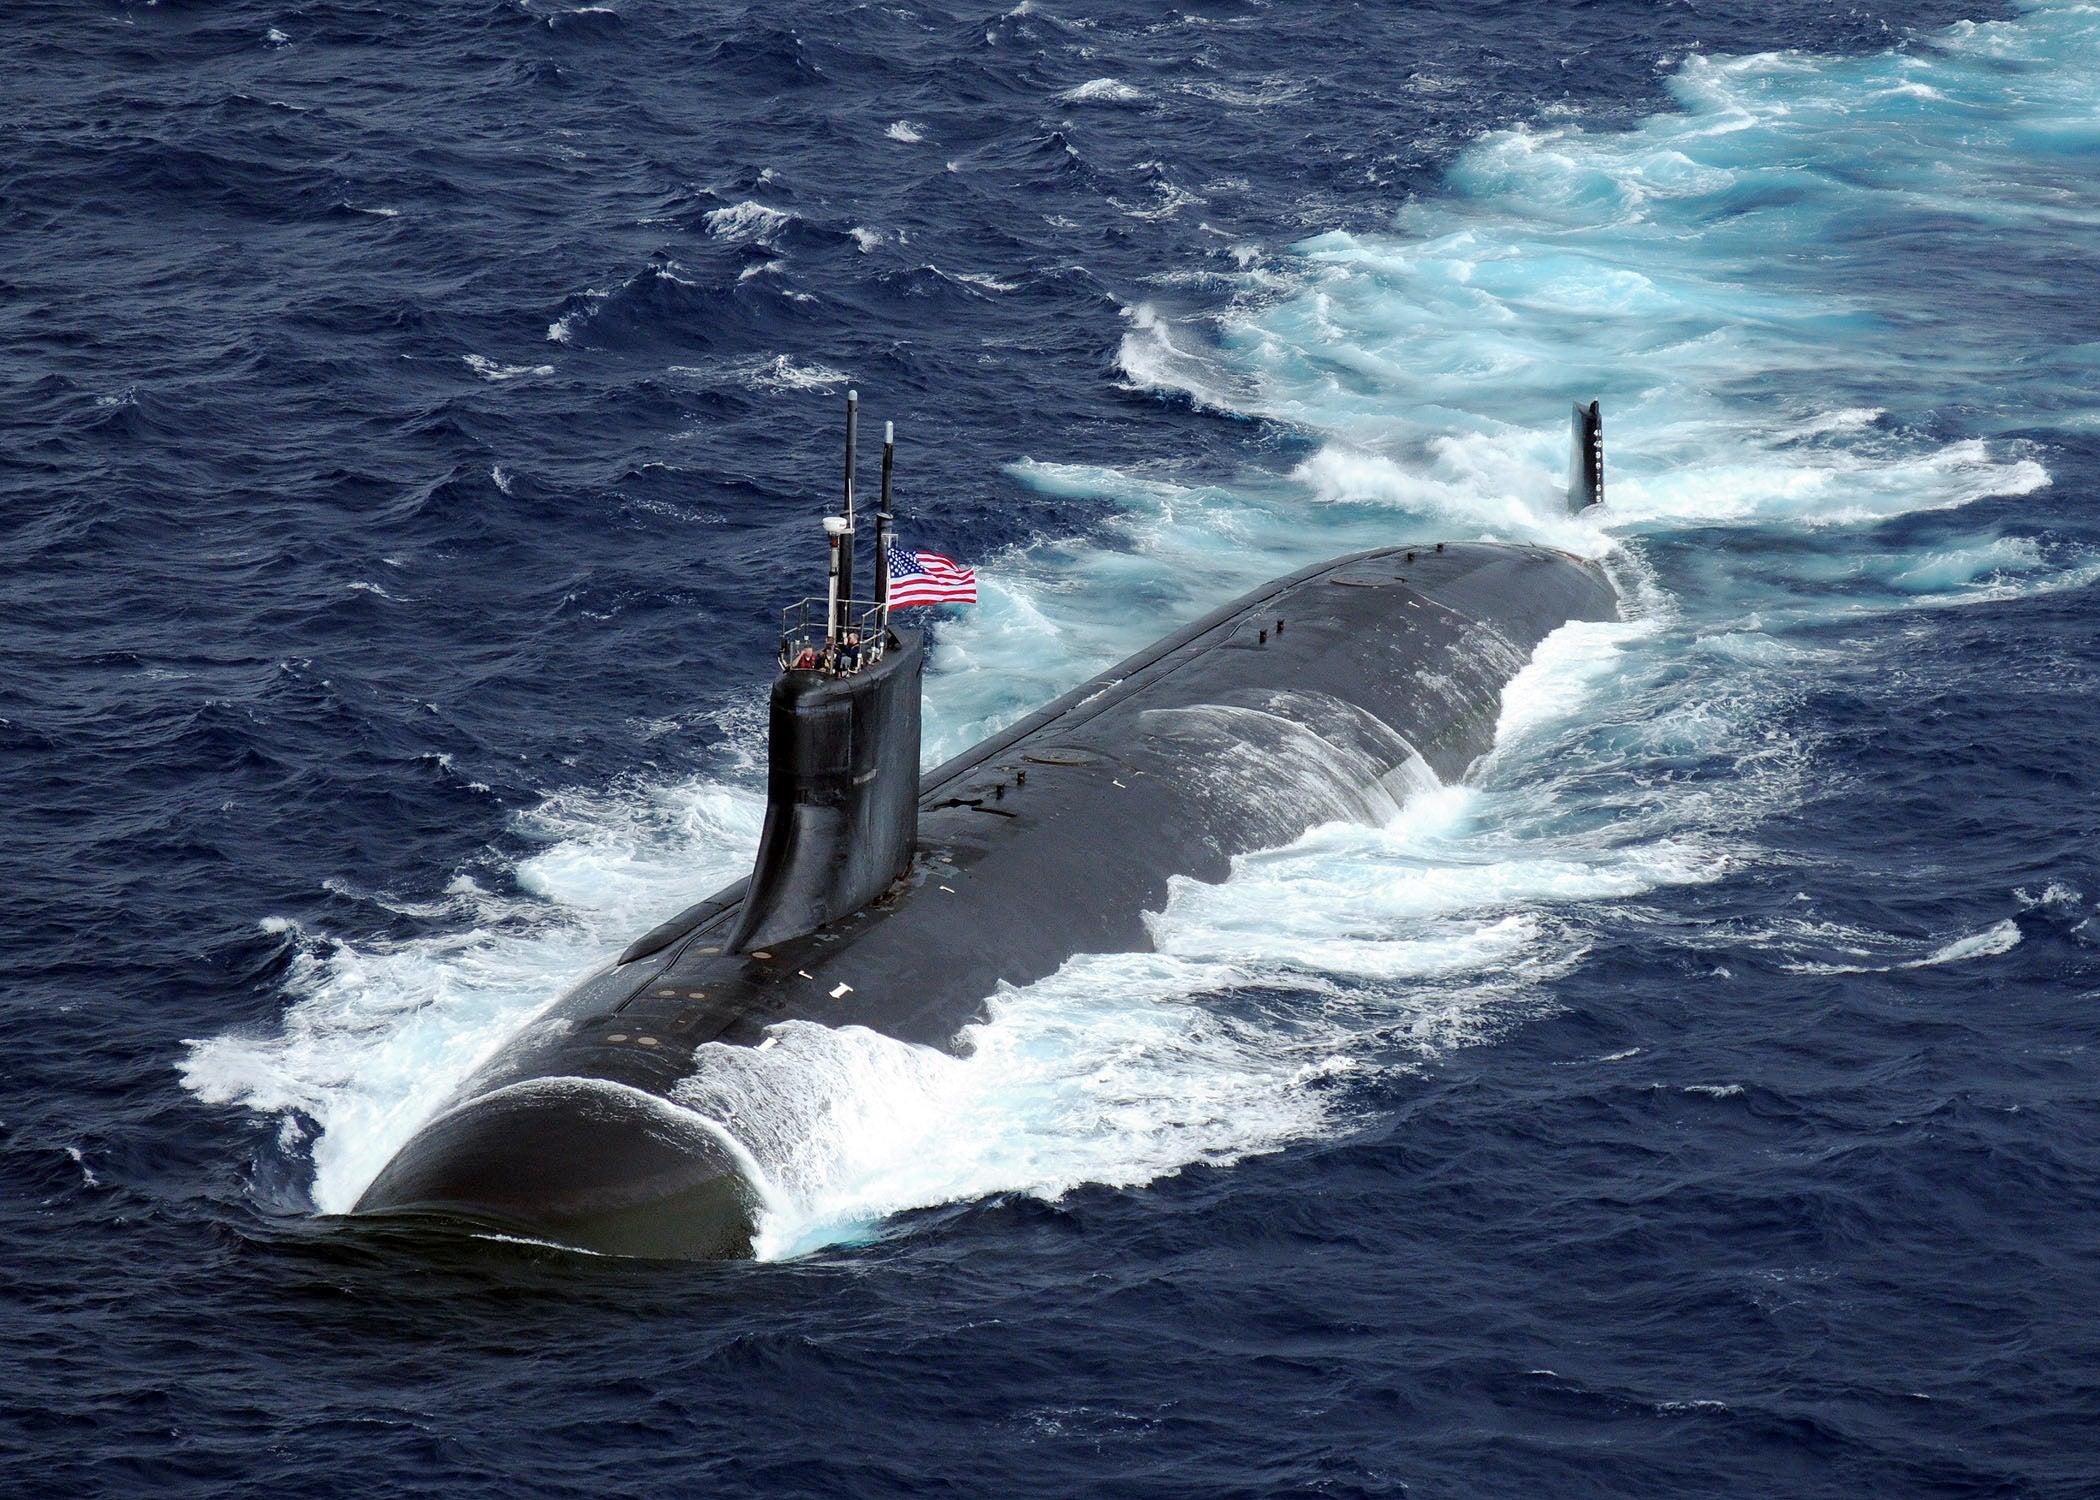 美军潜艇在南海发生撞击事故!撞了什么居然还不知道,稀里糊涂